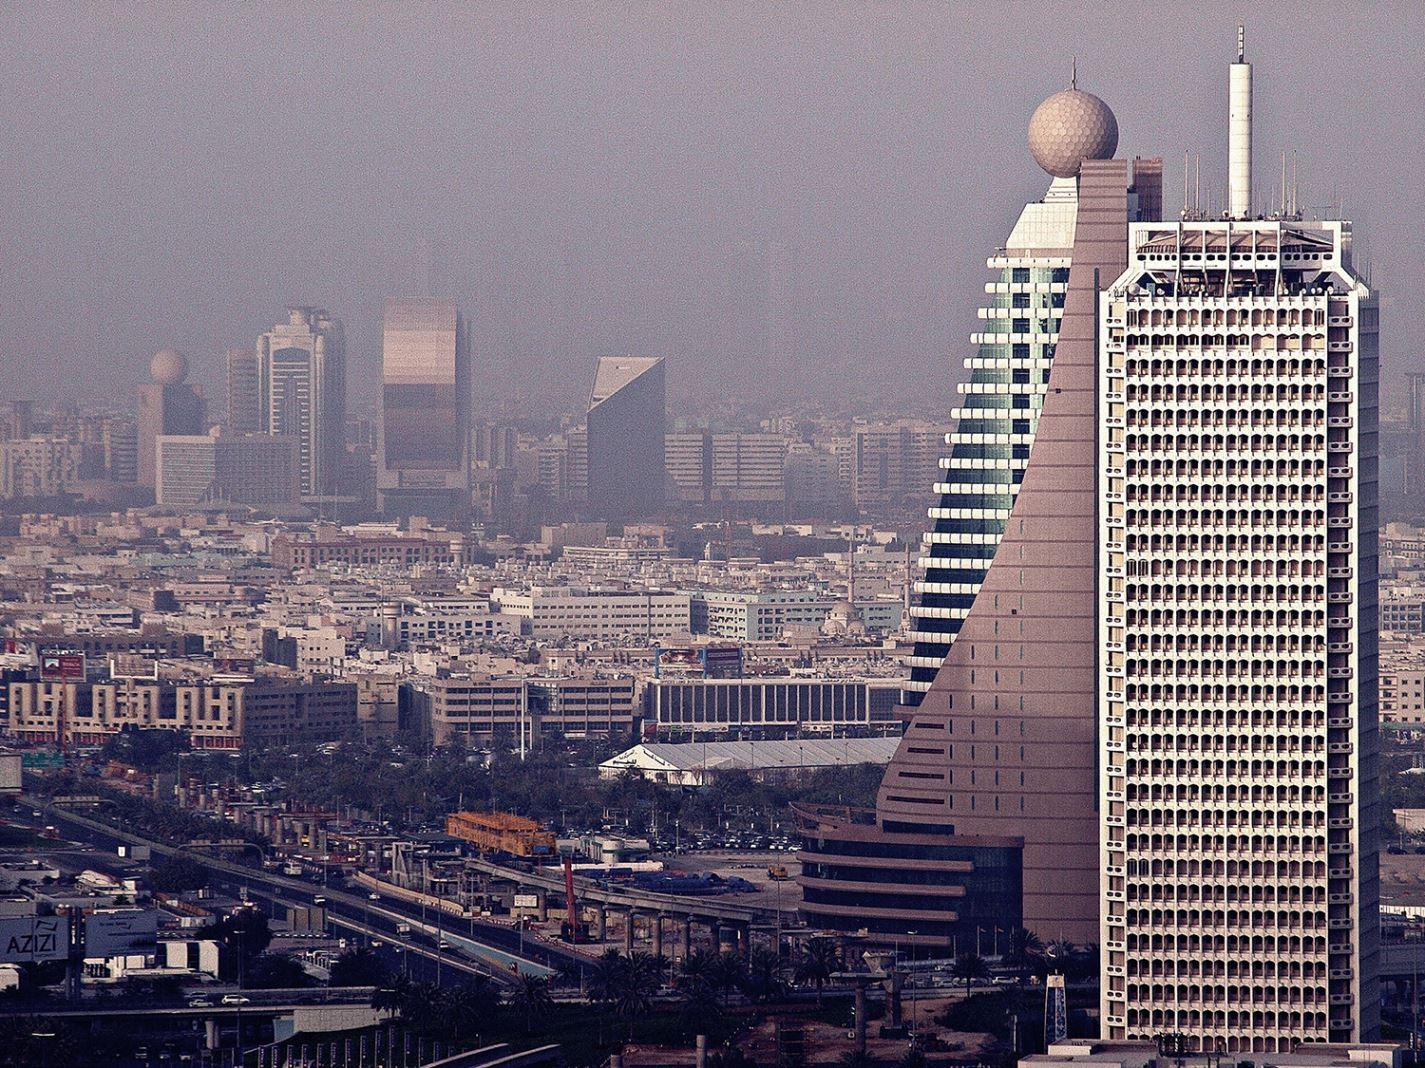 Всемирный торговый центр Дубая расширяет использование возобновляемых источников энергии